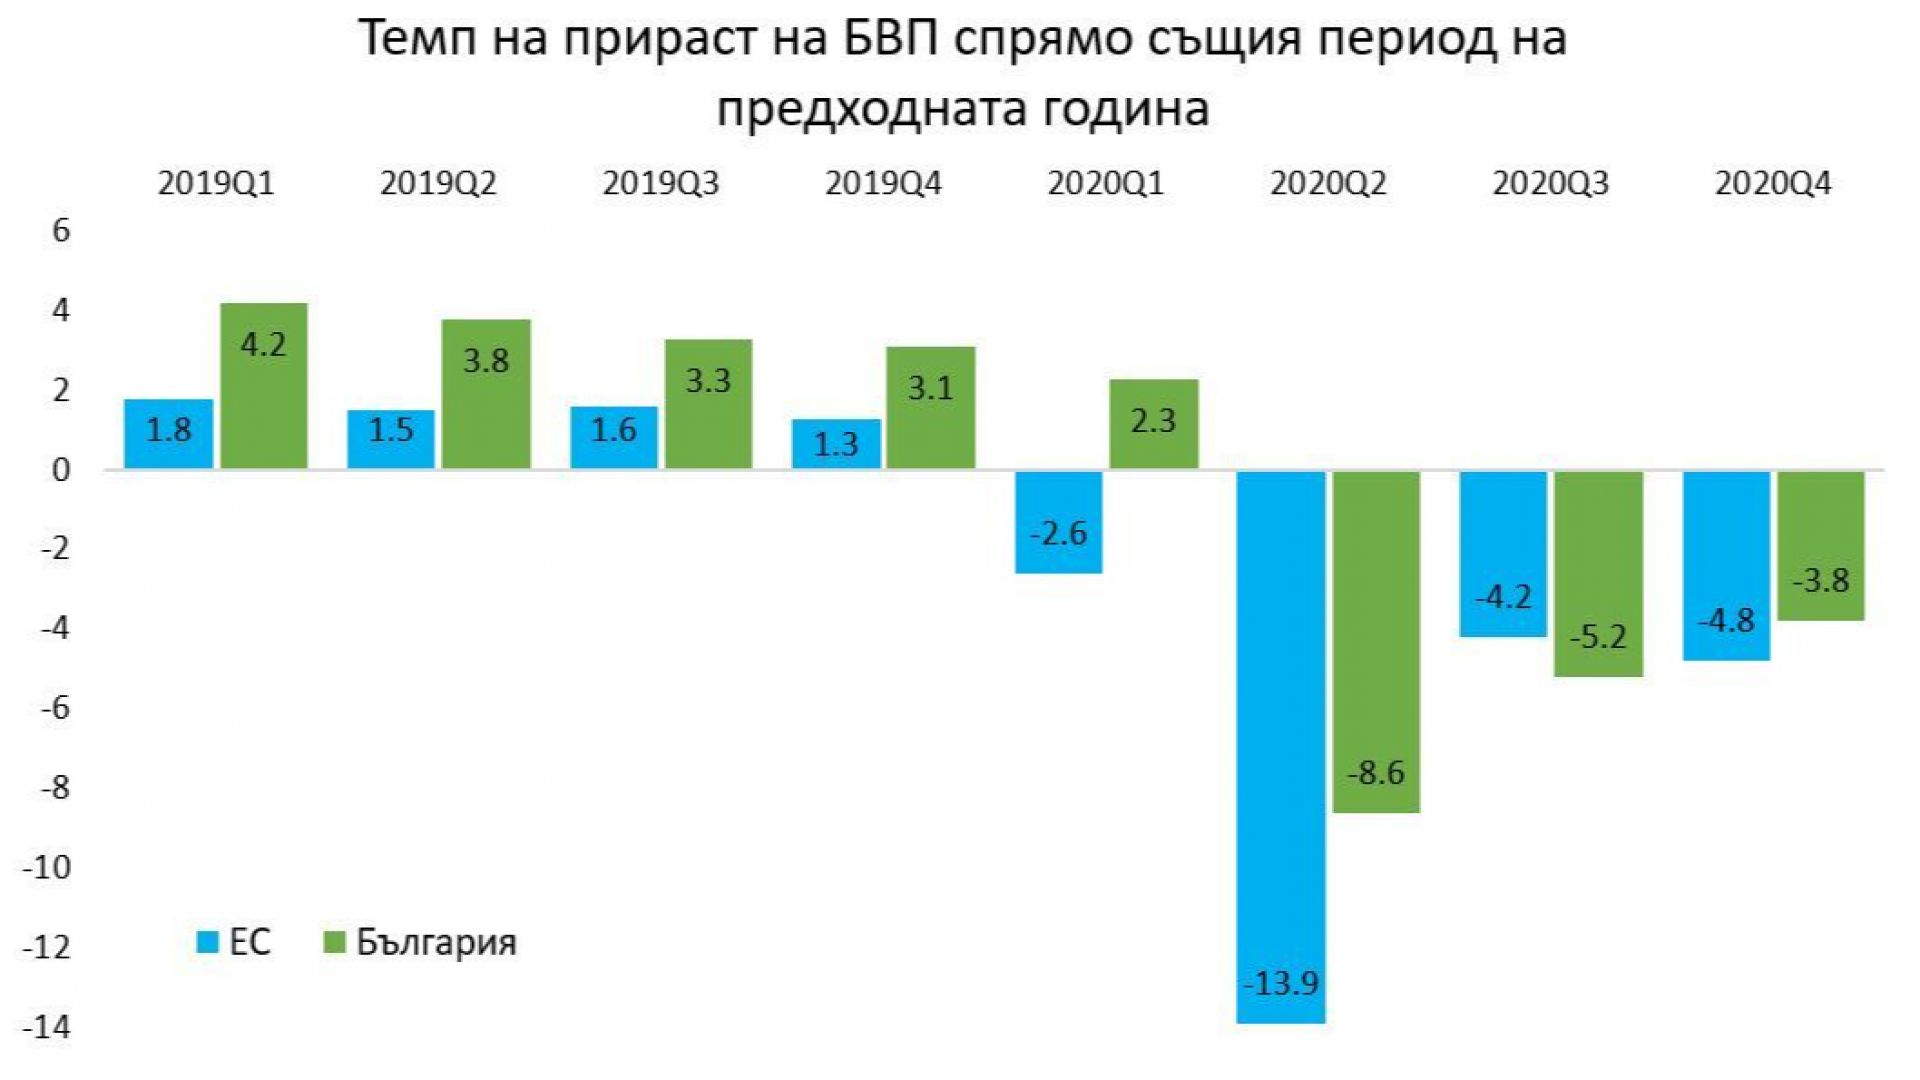 """""""Затворихме"""" 2020: дъното, втората зима и траекторията на икономиката през 2021 г."""